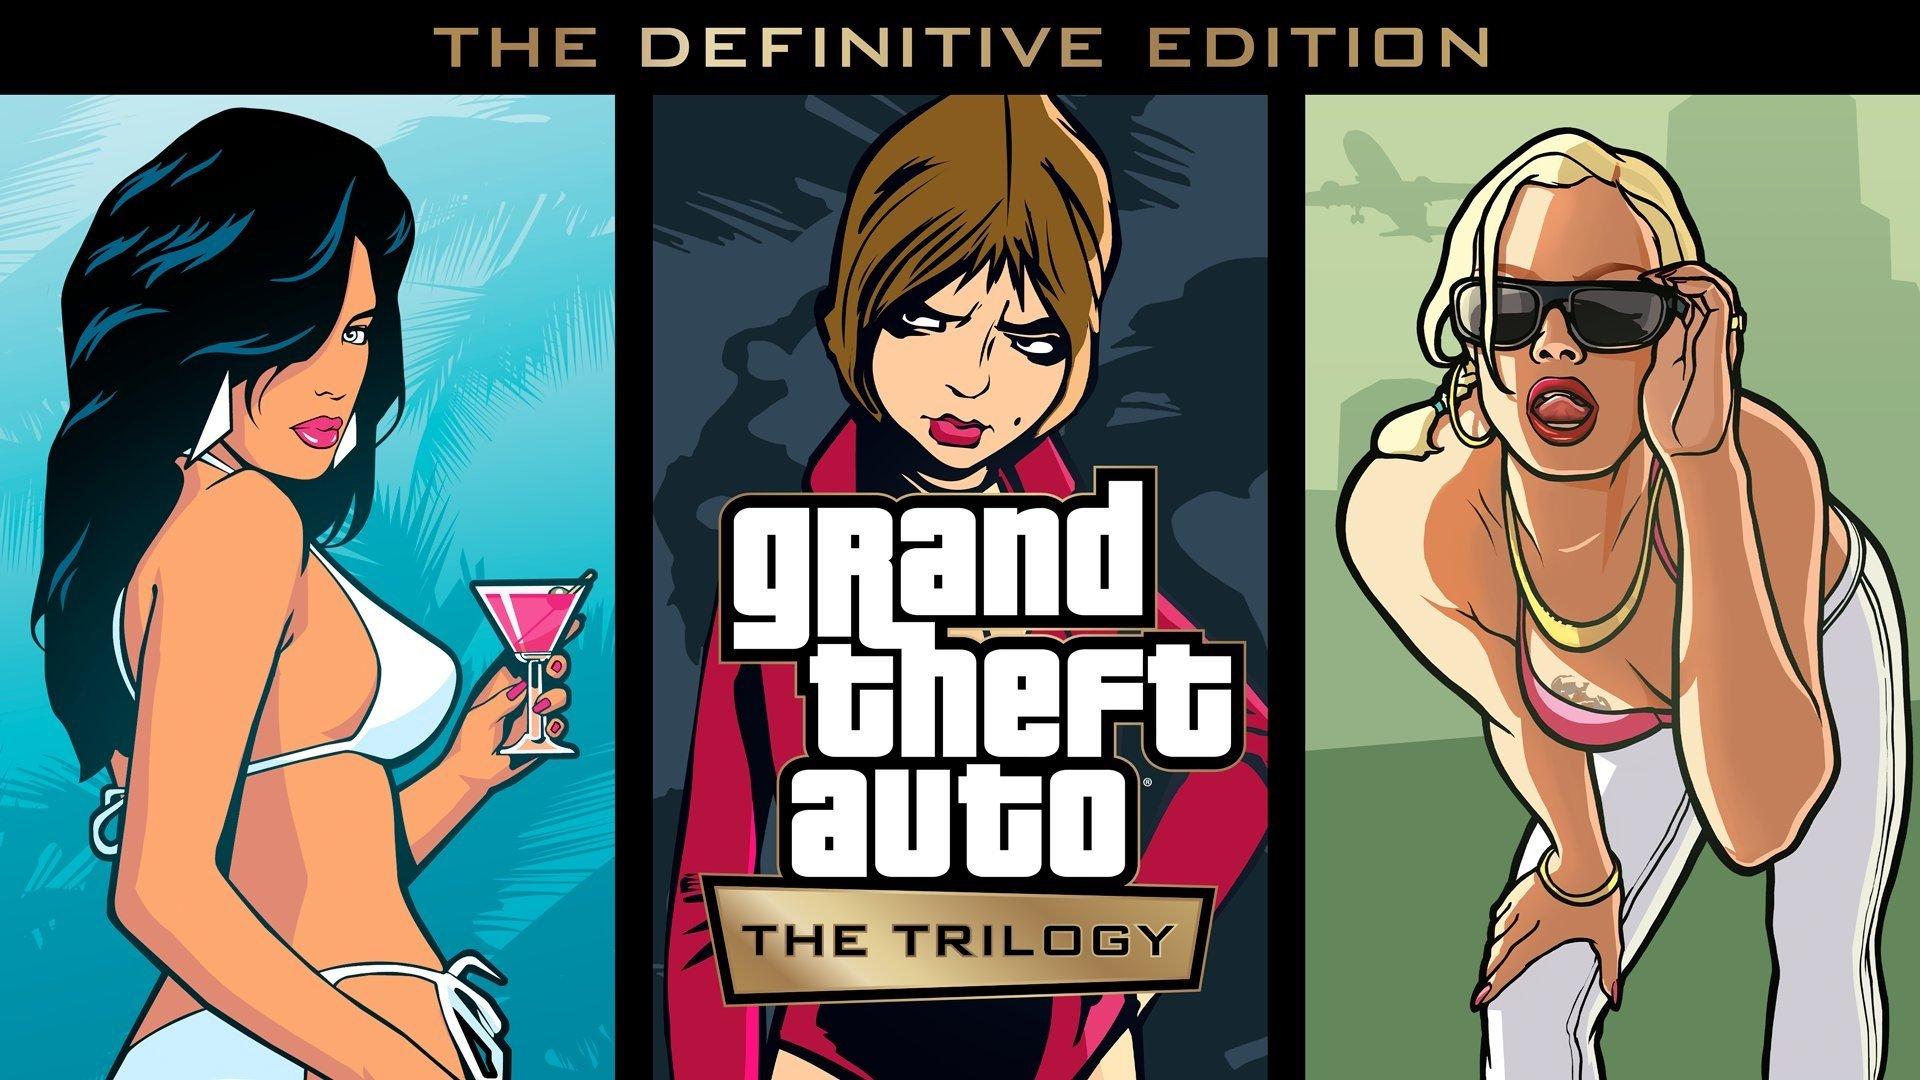 Jogos: Grand Theft Auto: The Trilogy – The Definitive Edition é anunciado